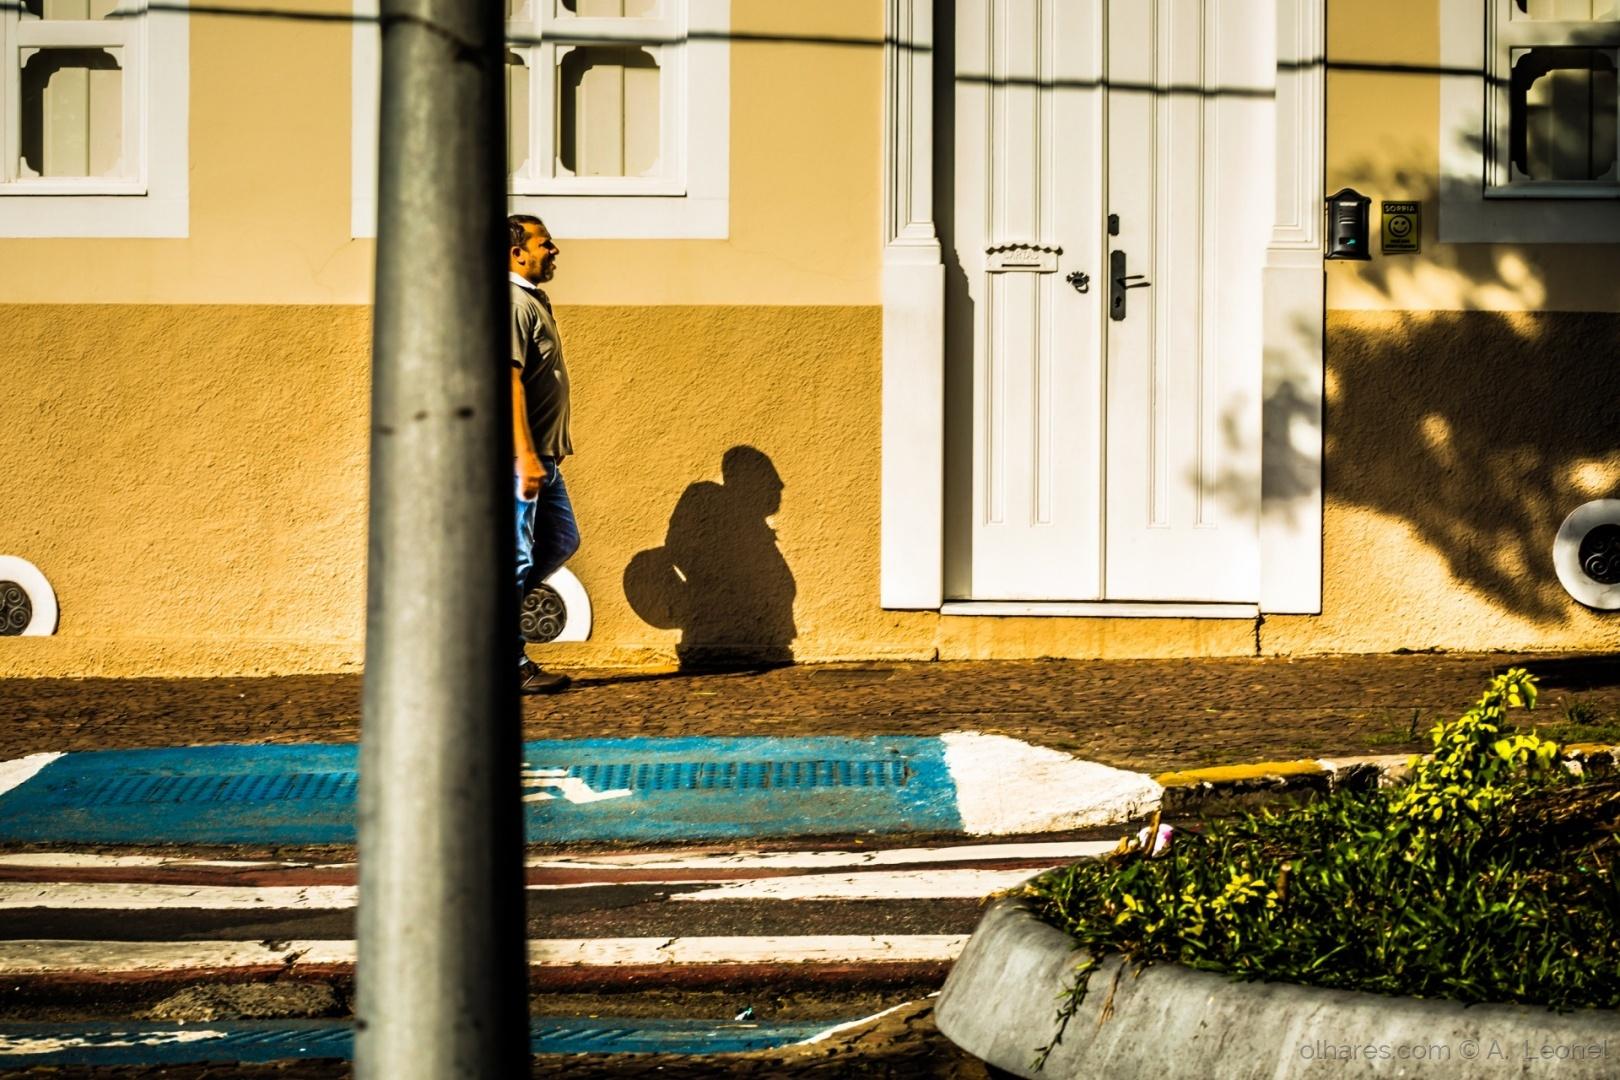 Retratos/Meio homem, meia sombra